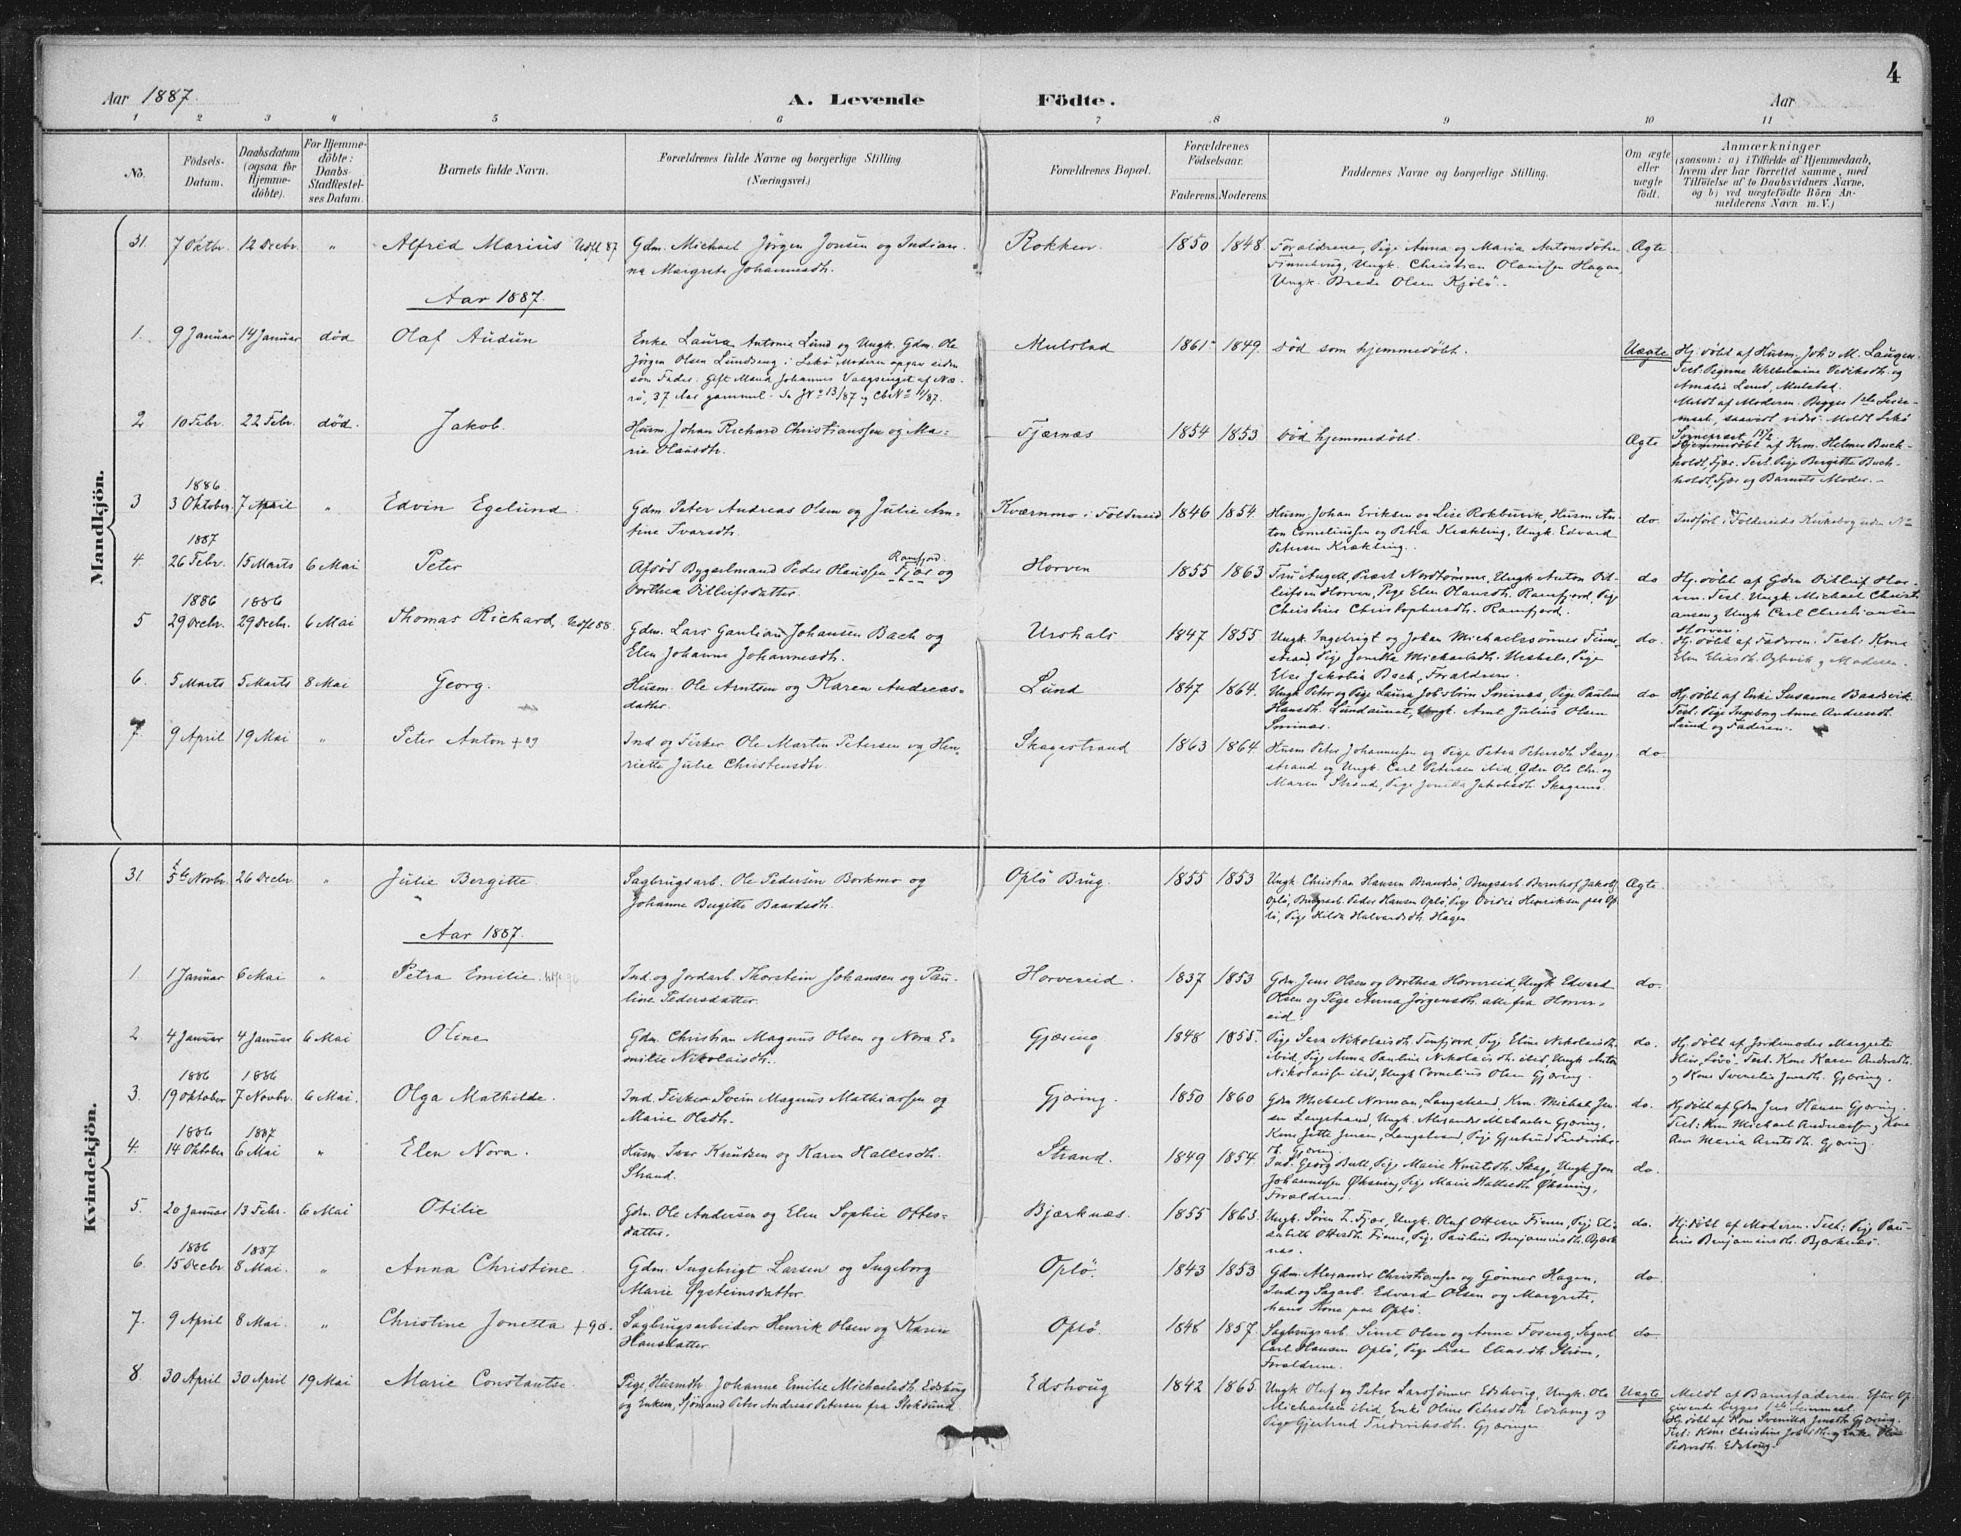 SAT, Ministerialprotokoller, klokkerbøker og fødselsregistre - Nord-Trøndelag, 780/L0644: Ministerialbok nr. 780A08, 1886-1903, s. 4